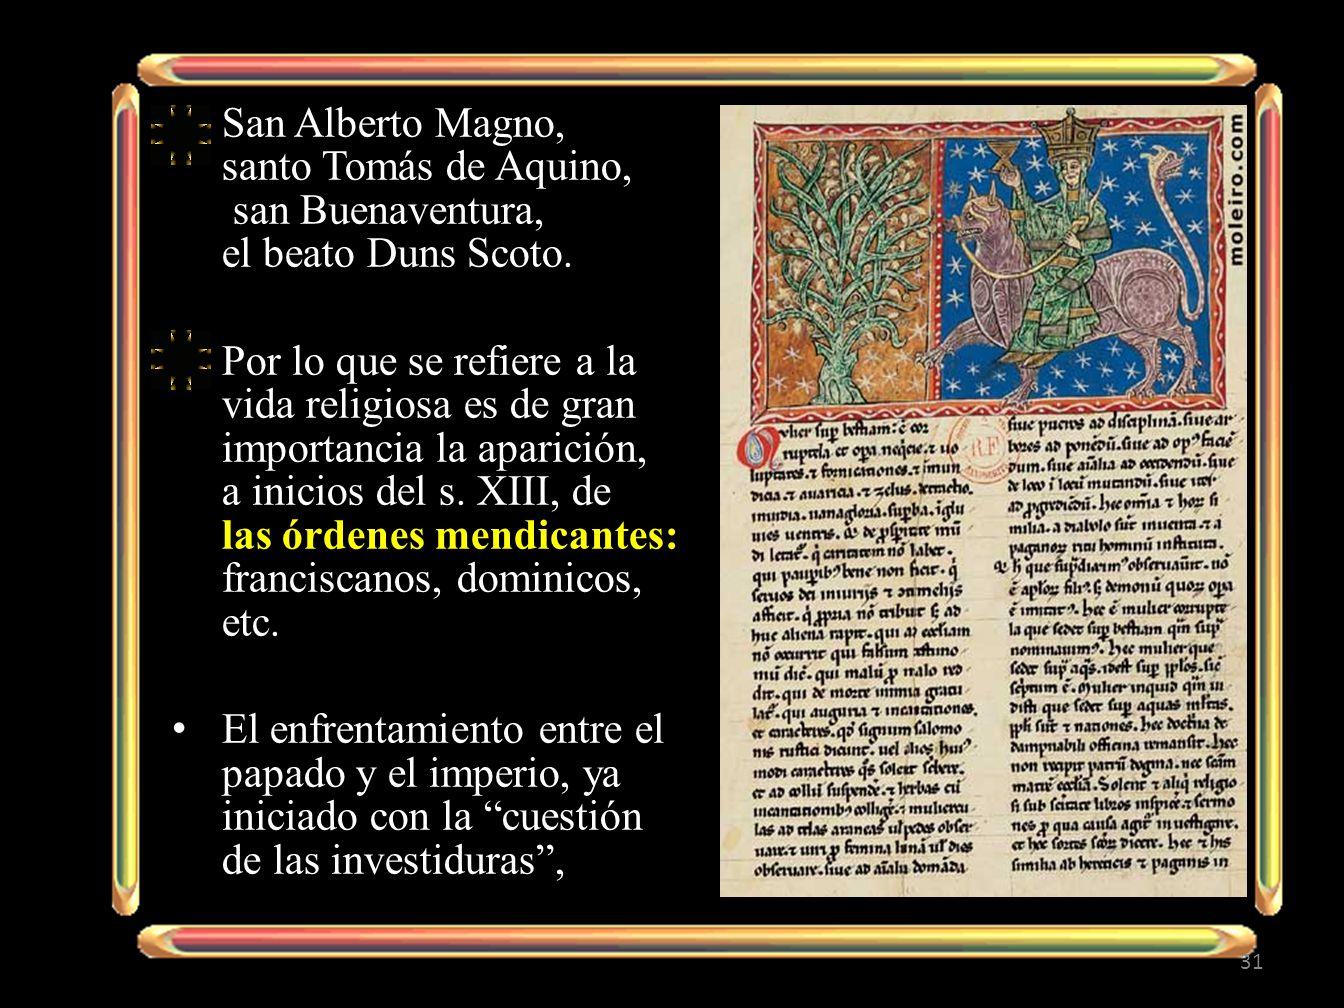 San Alberto Magno, santo Tomás de Aquino, san Buenaventura, el beato Duns Scoto. Por lo que se refiere a la vida religiosa es de gran importancia la a